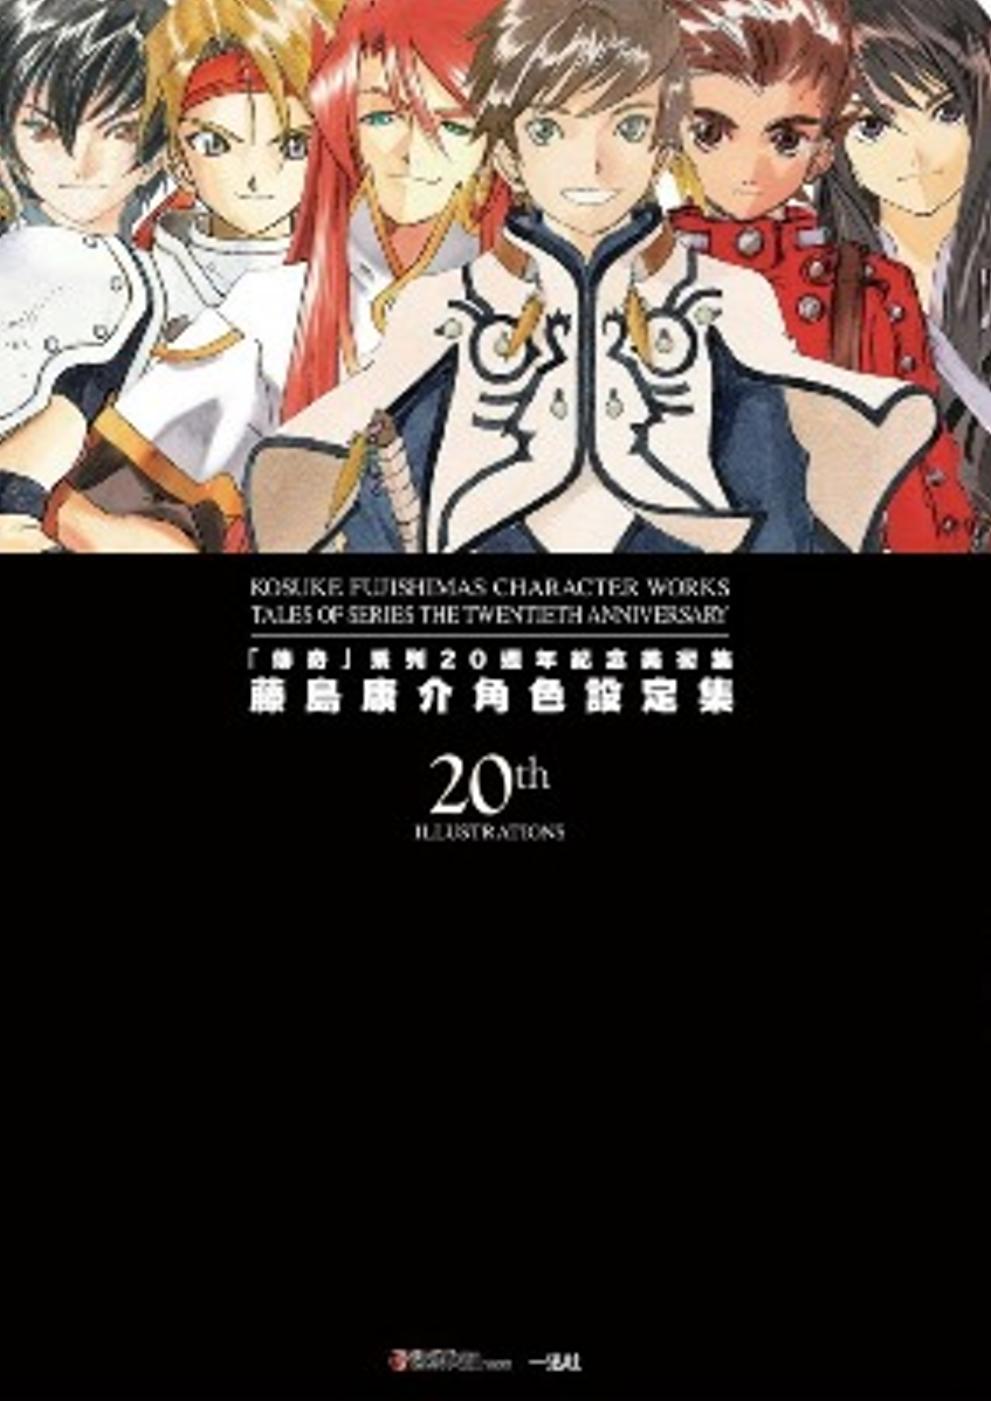 「傳奇」系列20週年紀念美術集:藤島康介角色設定集